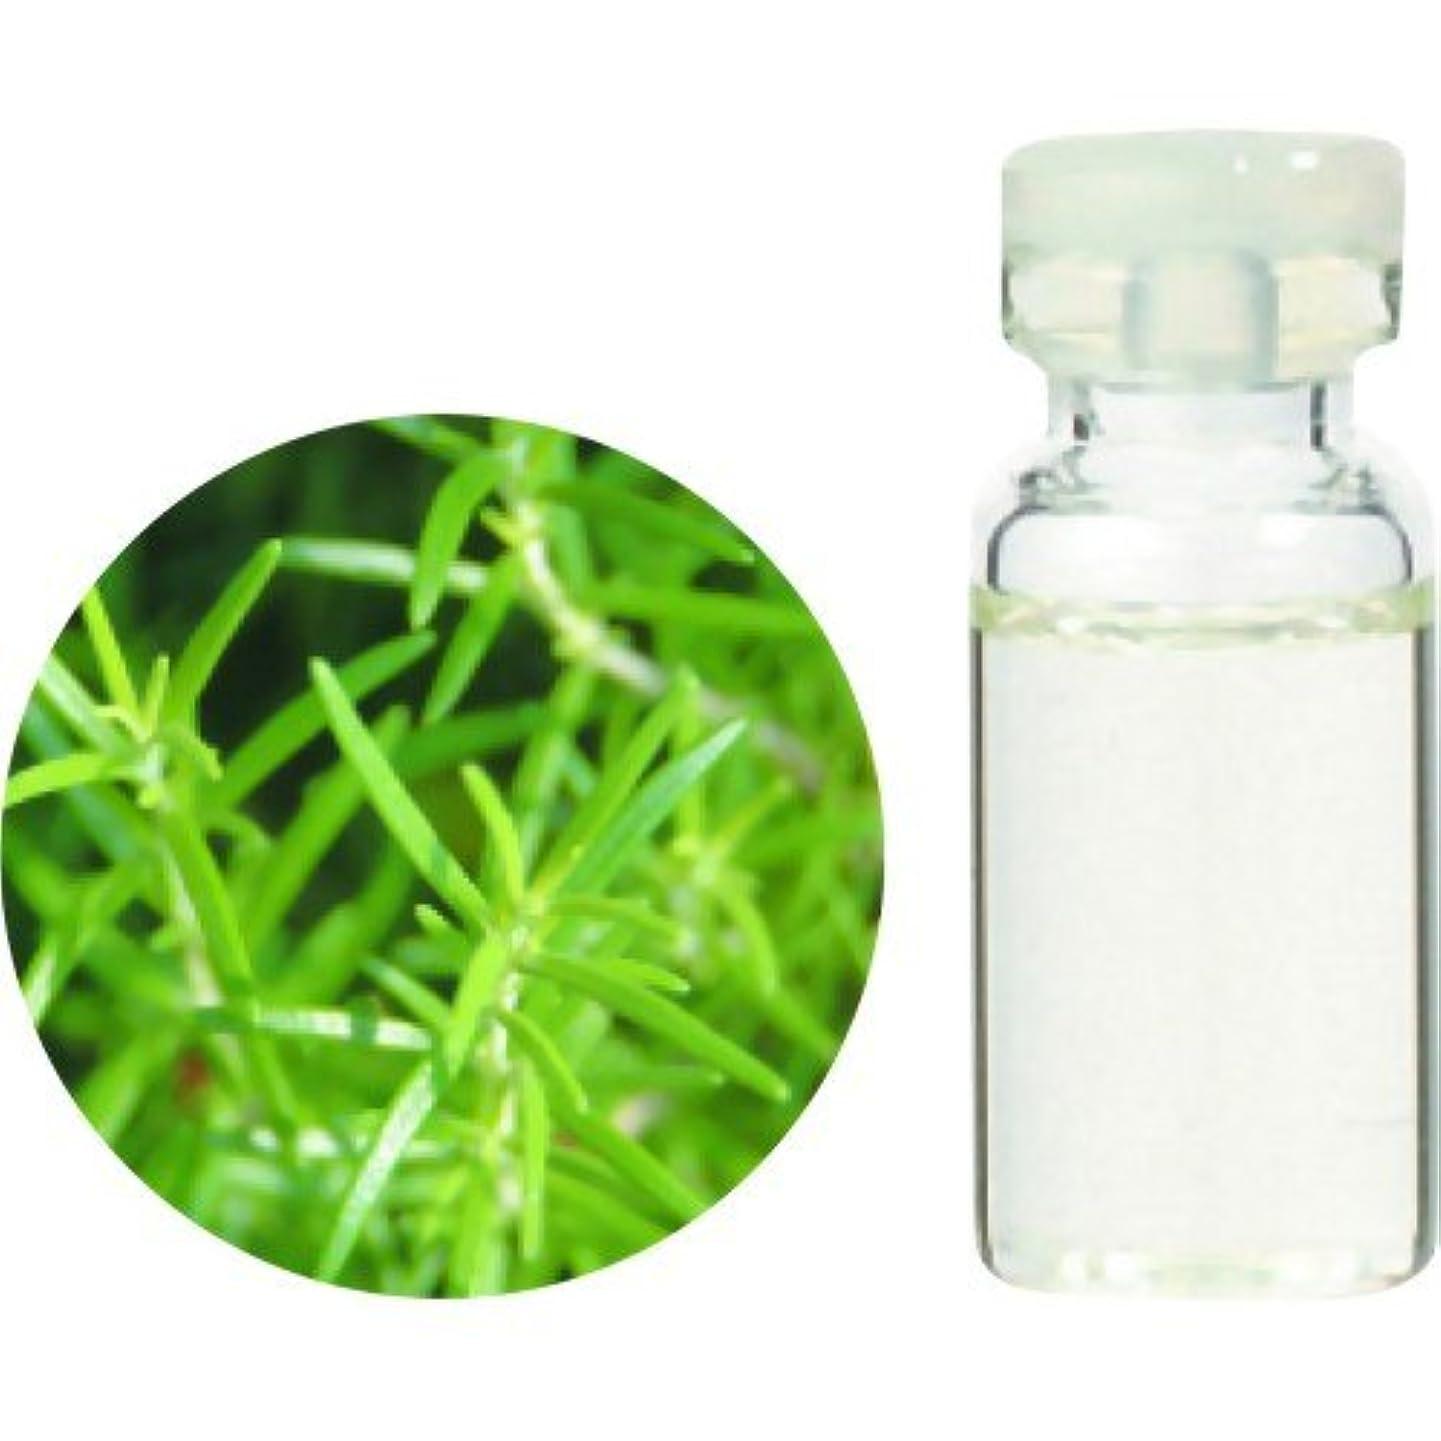 楽観頬骨第二に生活の木 Herbal Life Organic ローズマリー?シネオール 10ml